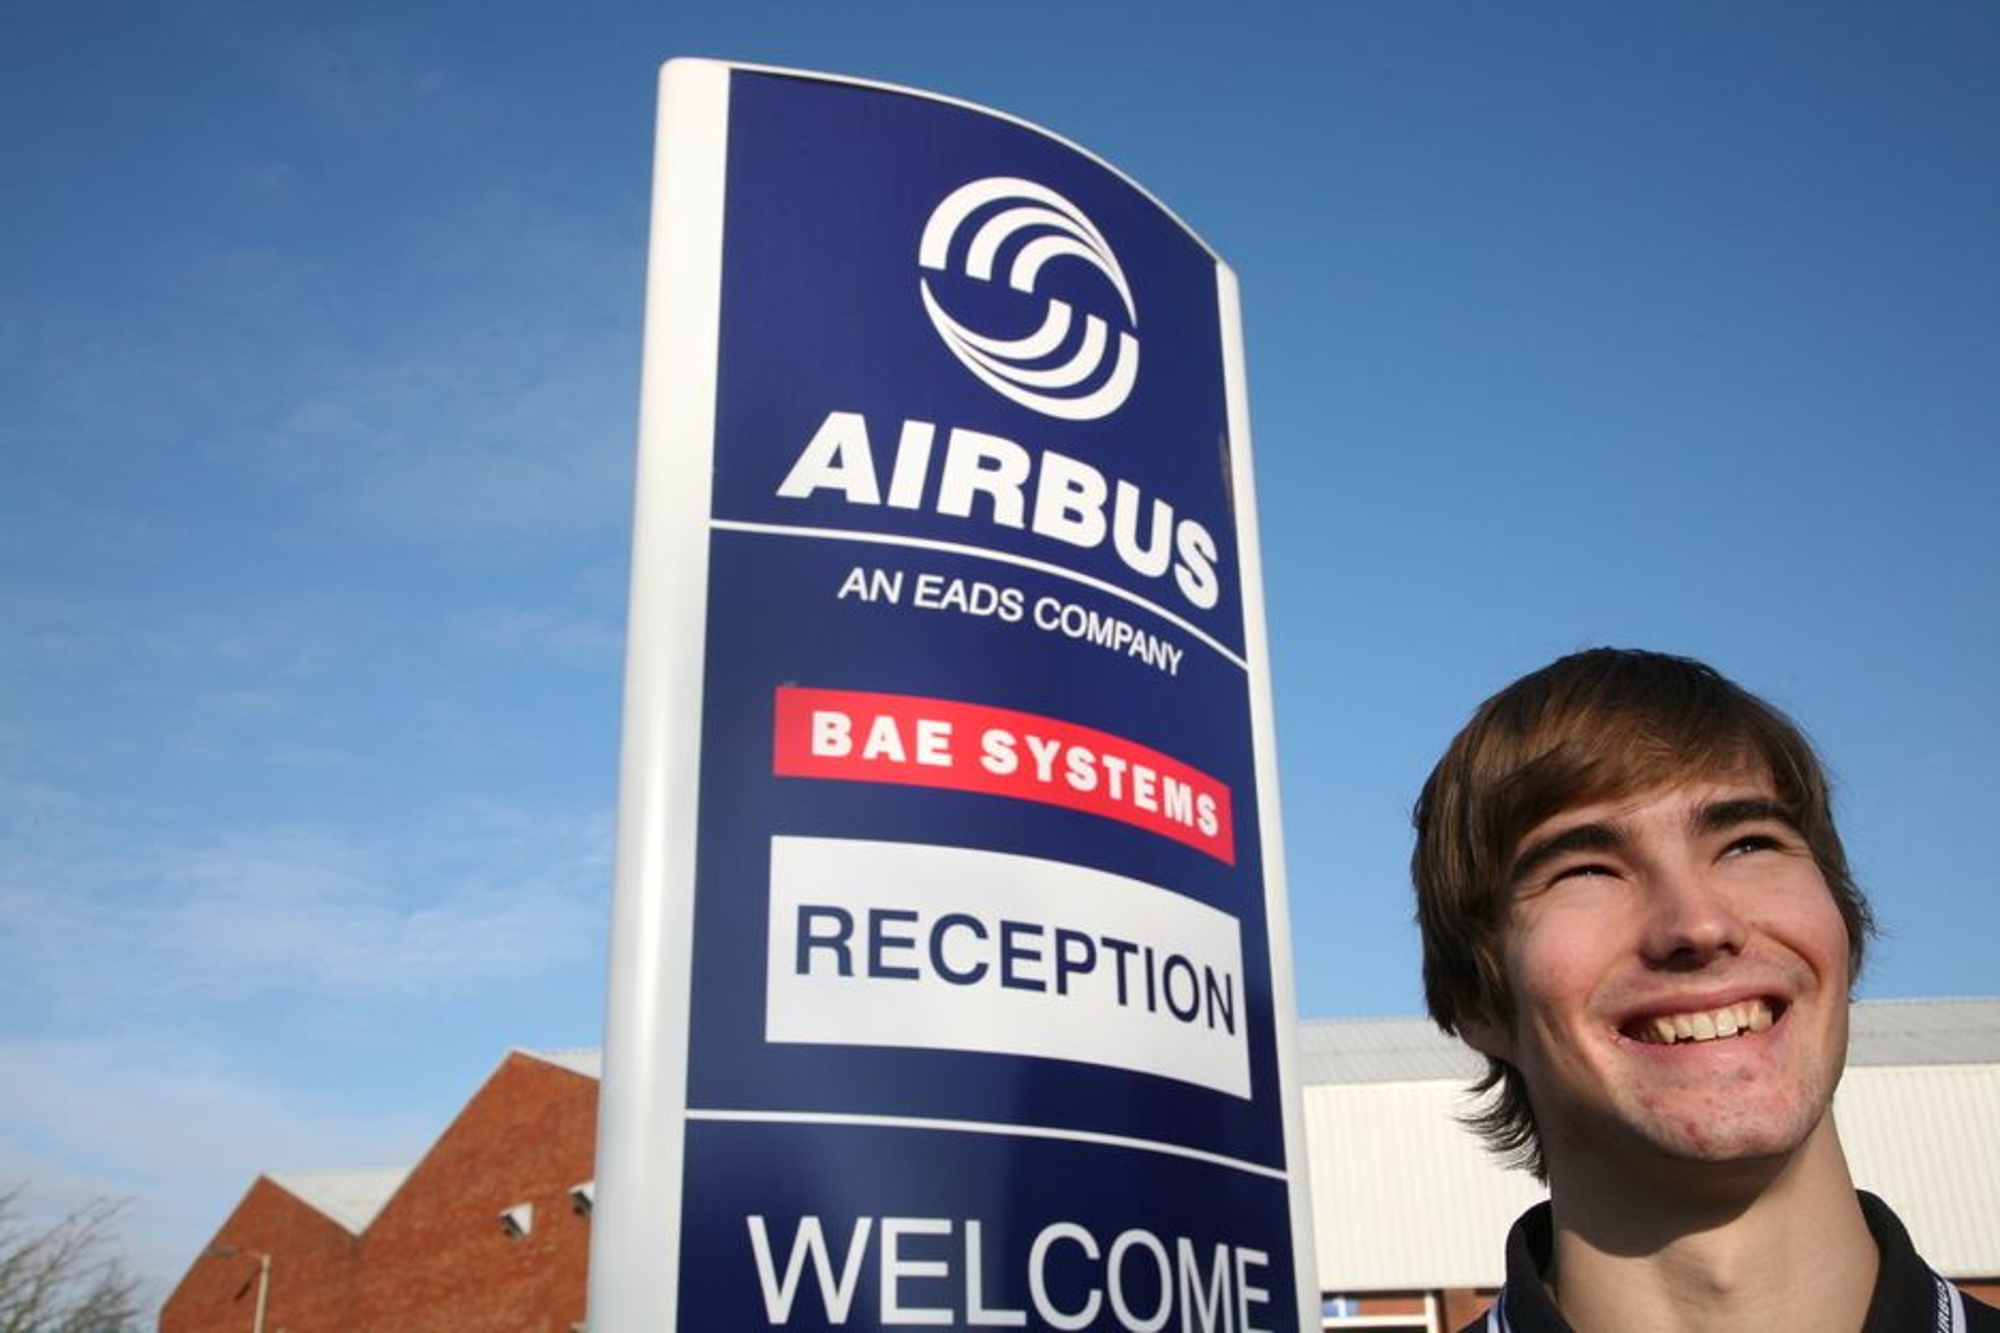 AIRBUS: ¿ Beslutningsprosessene kan være litt lange i Storbritannia, og særlig i flyindustrien. Man må være sikker før man bestemmer seg, sier Erik Andreassen.